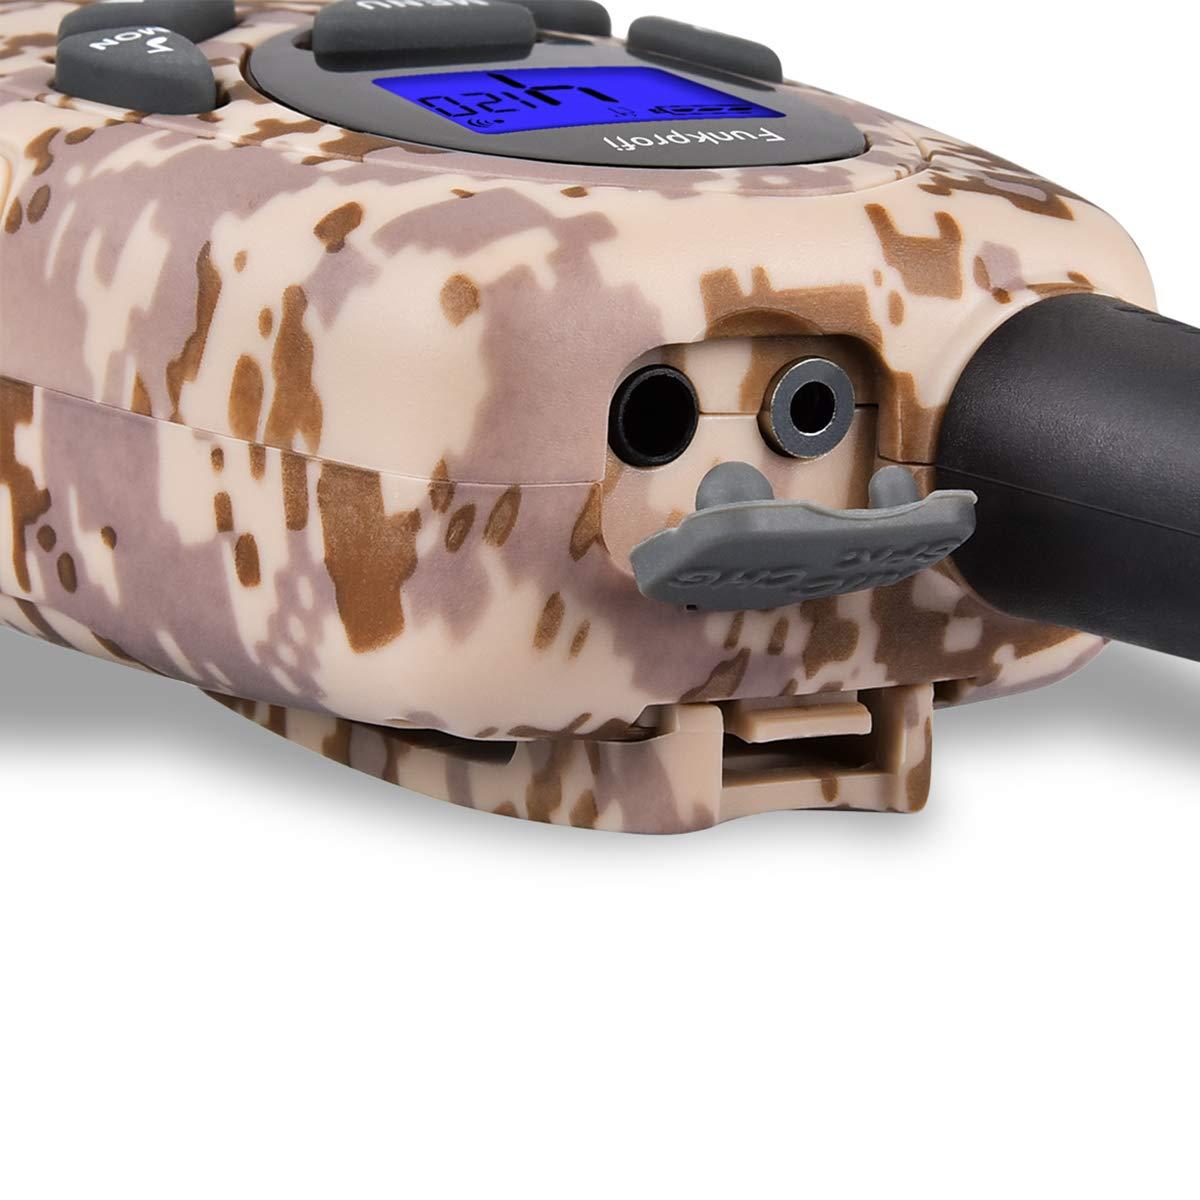 2 Unidades, con bater/ías Recargables, 8 Canales, Alcance de 3 km, Tipo C Walkie Talkies para ni/ños Funkprofi T-799